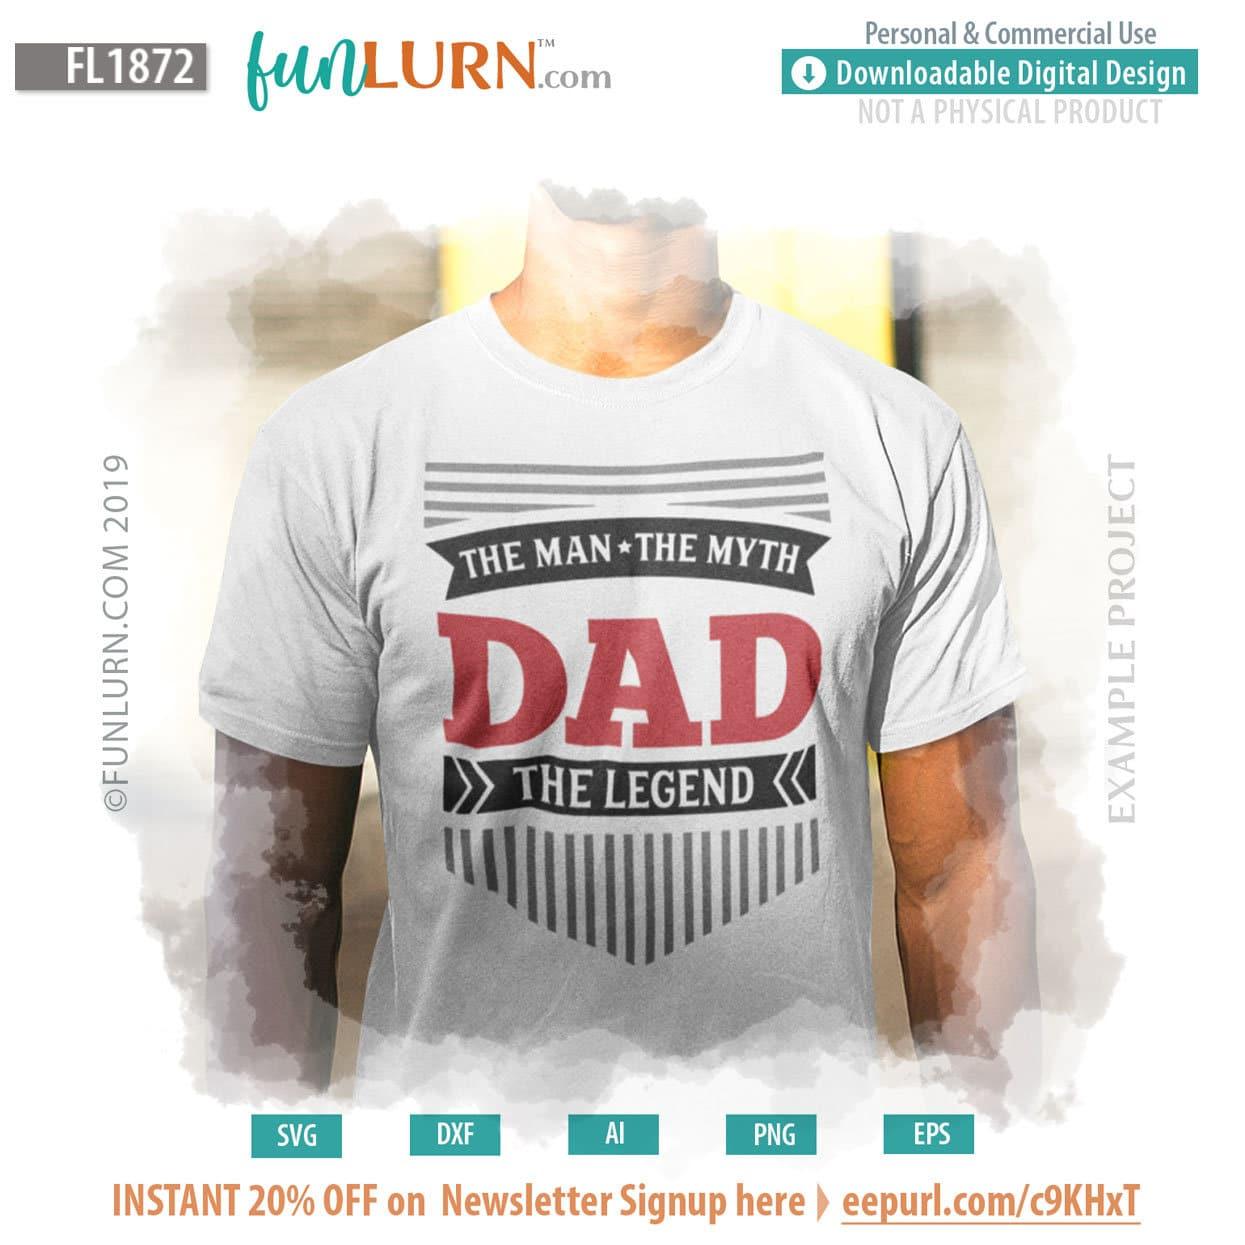 7a68e12c3 Dad ,The Man,The Myth ,The legend - FunLurn